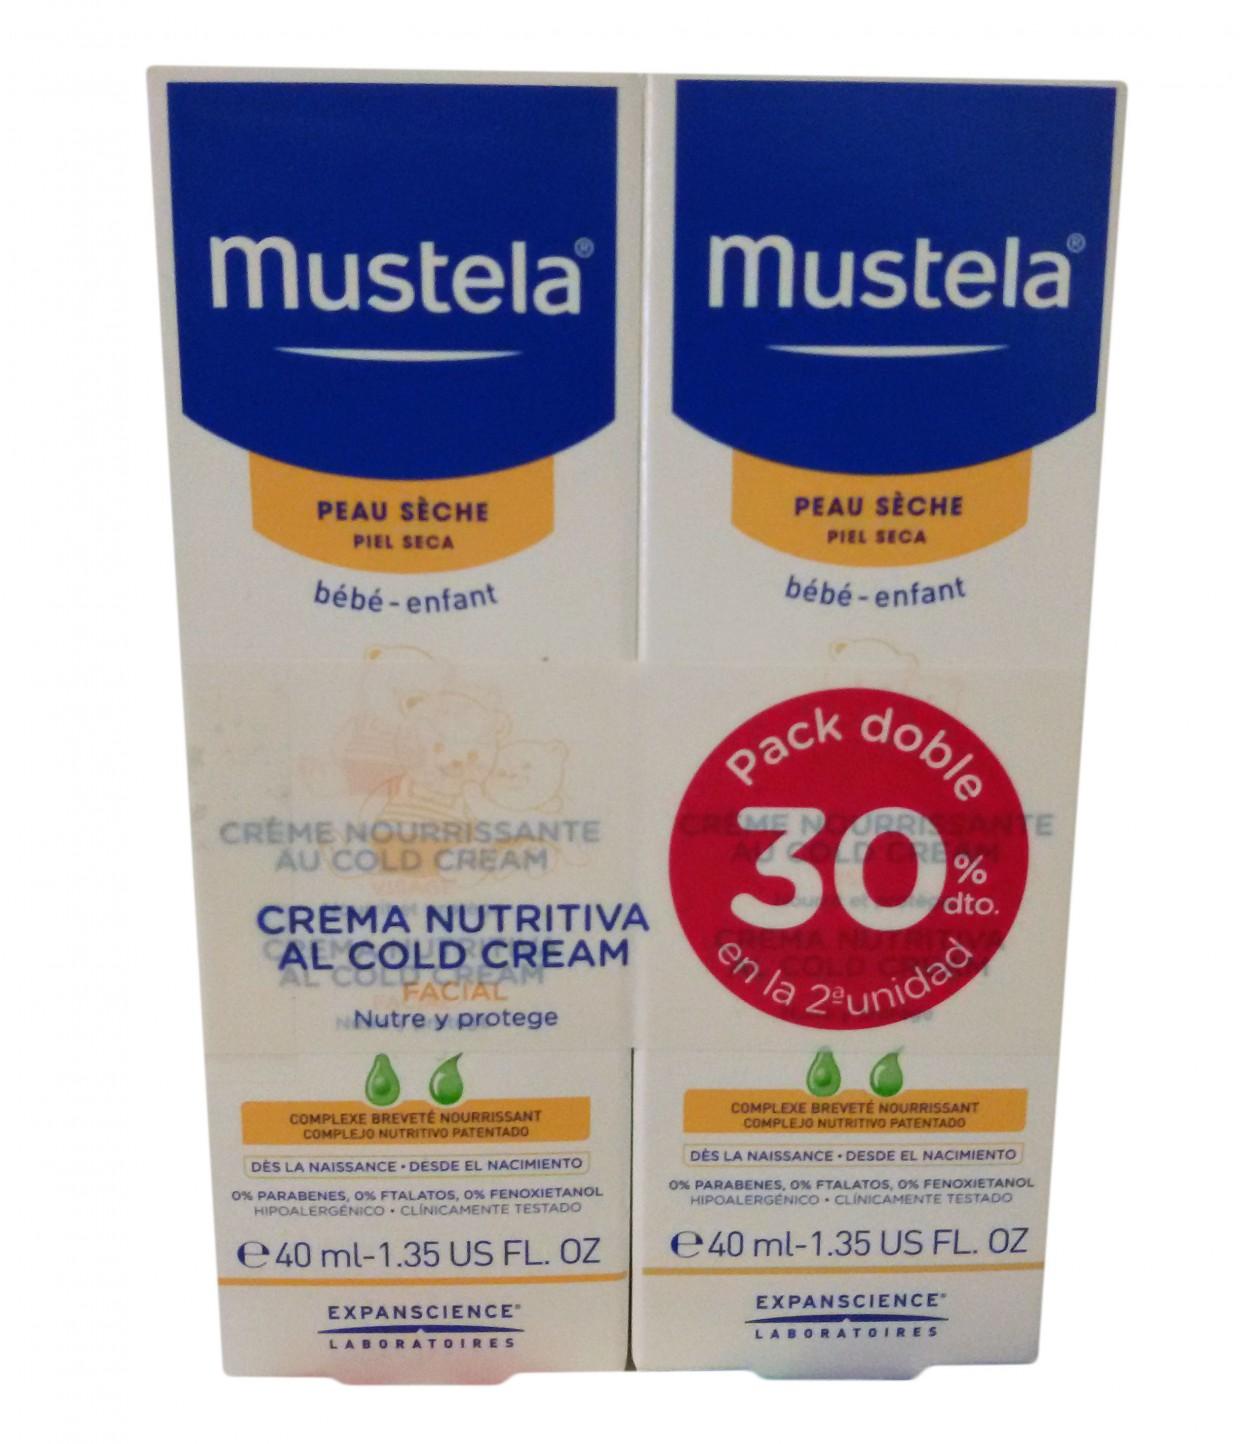 Mustela Duplo Cold Cream Facial 40ml